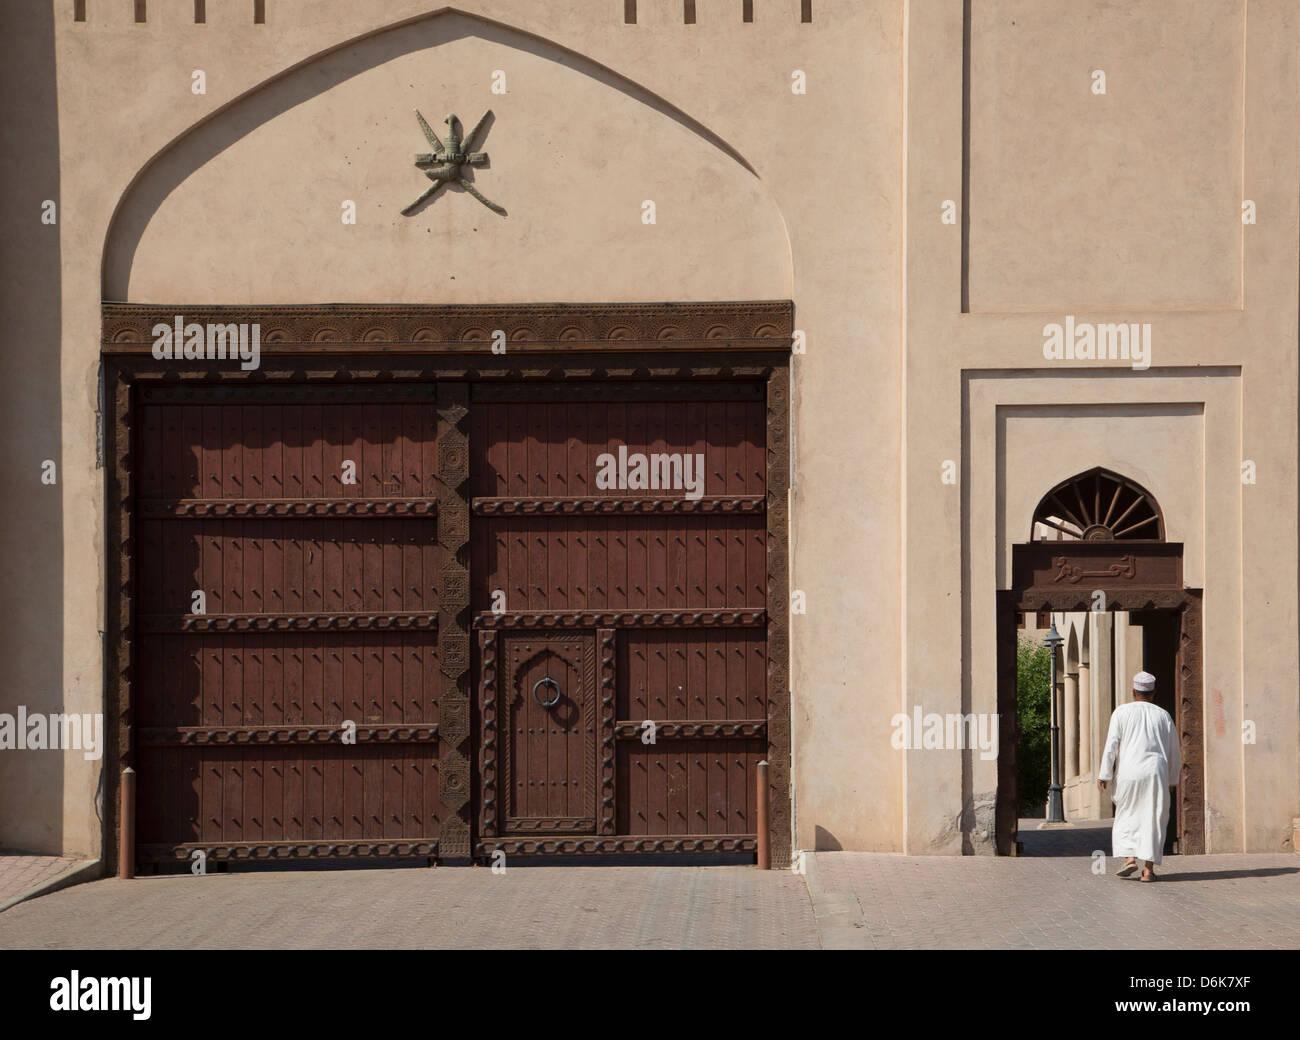 Der Souk, Nizwa, Oman, Naher Osten Stockbild